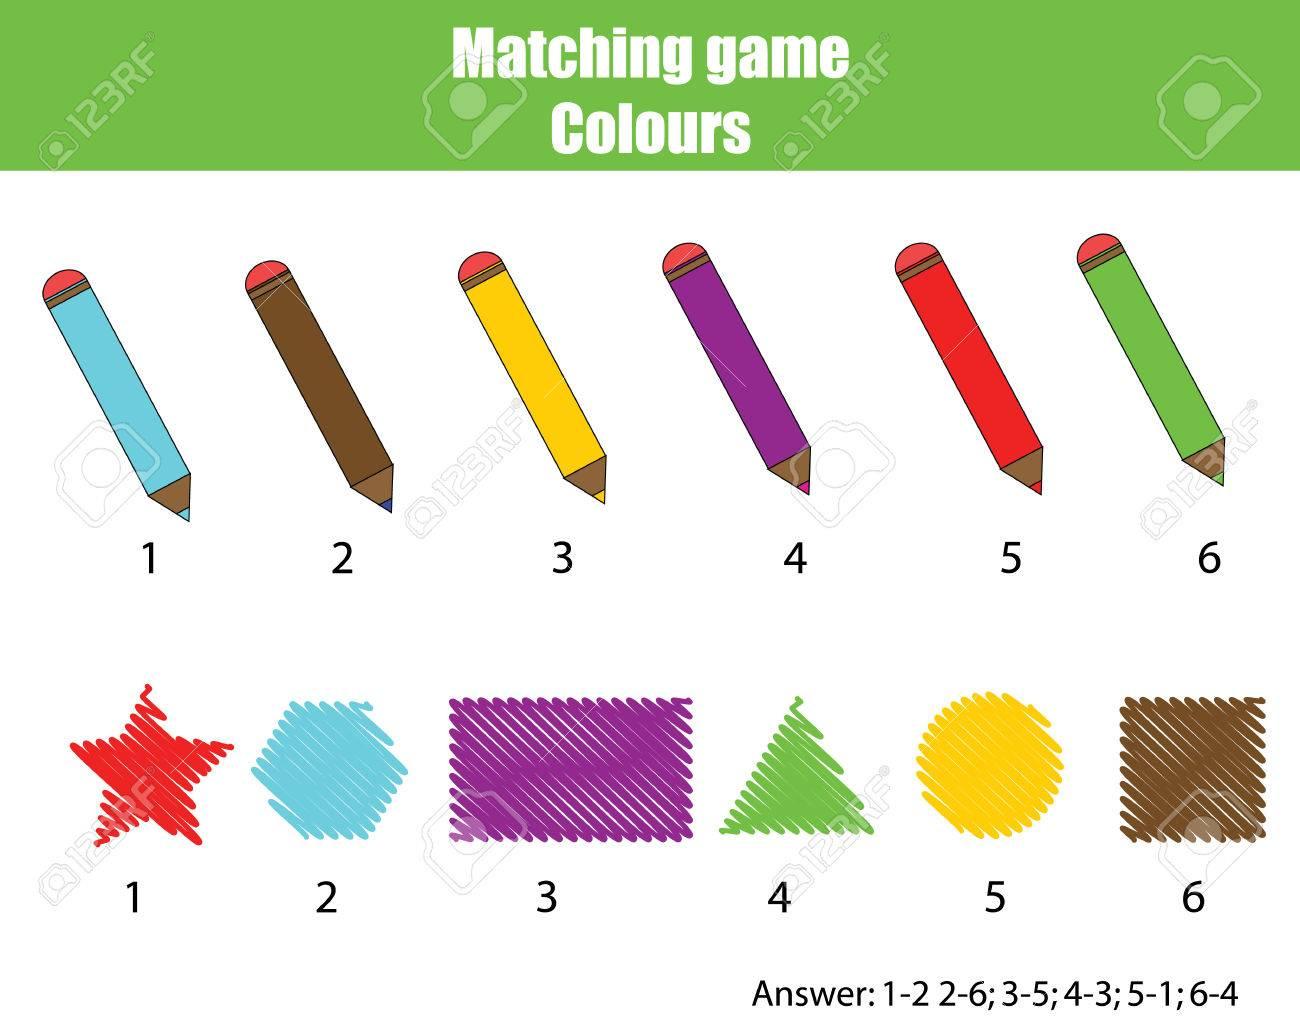 Jeu Éducatif Des Enfants. Matching Jeu Feuille De Calcul Pour Les Enfants.  Couleurs Et Des Formes D'apprentissage Thème concernant Jeu Calcul Enfant